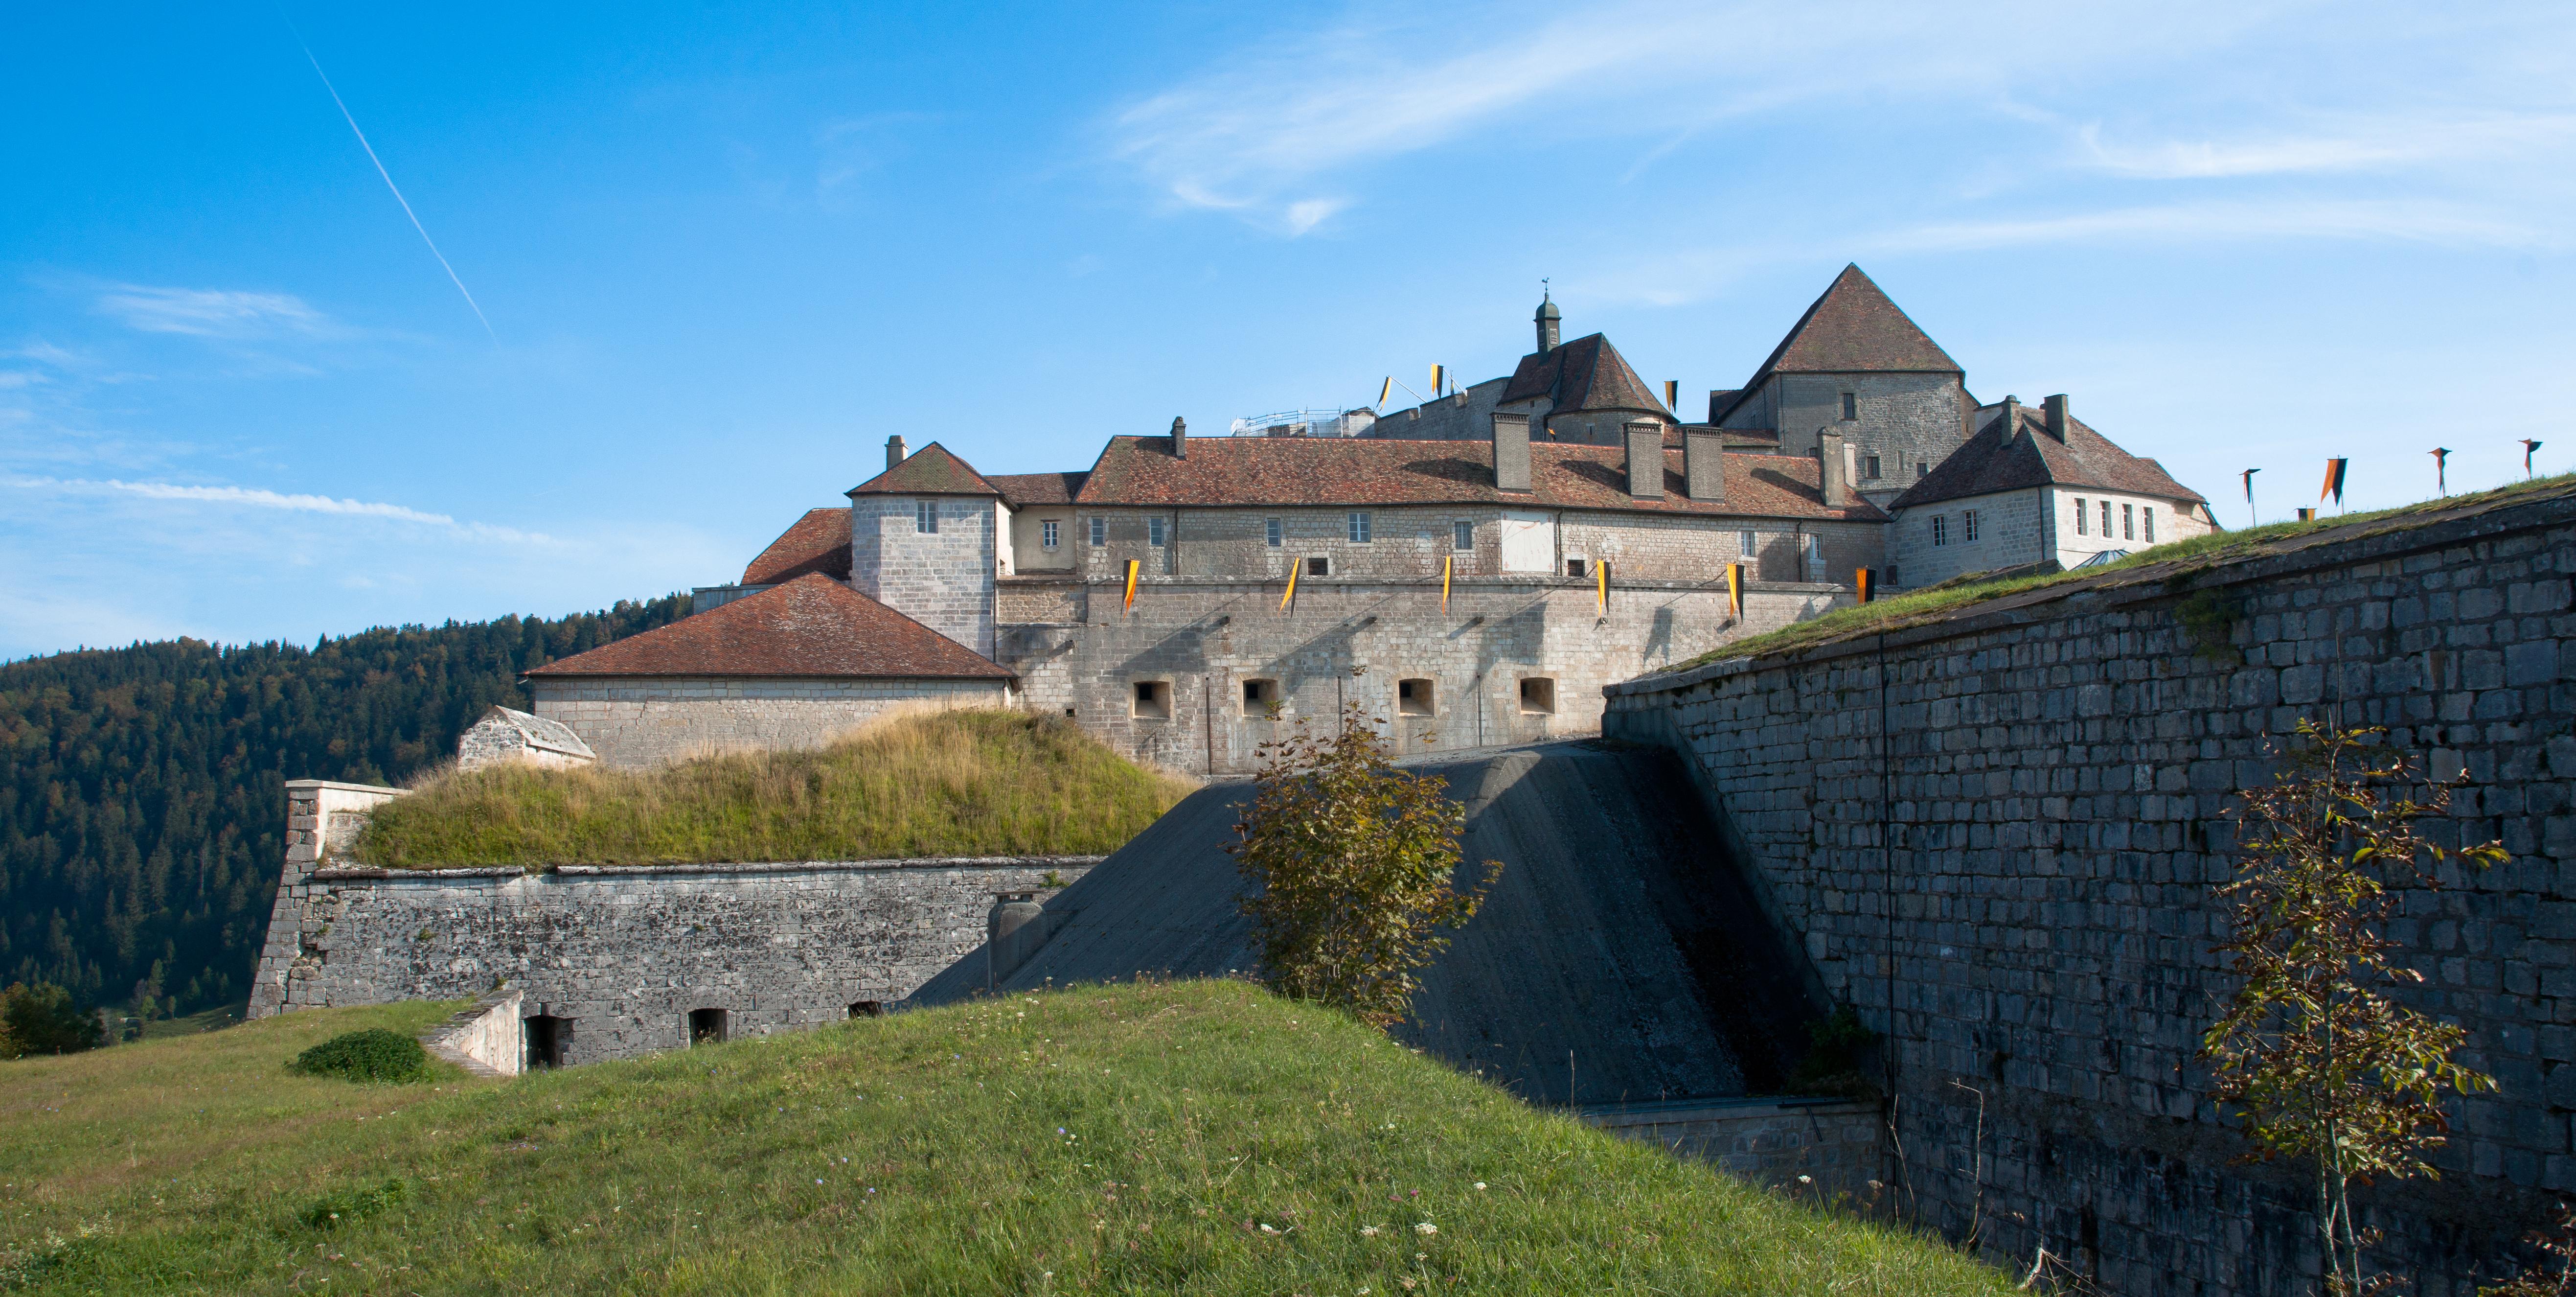 Résultat d'images pour Chateau de joux